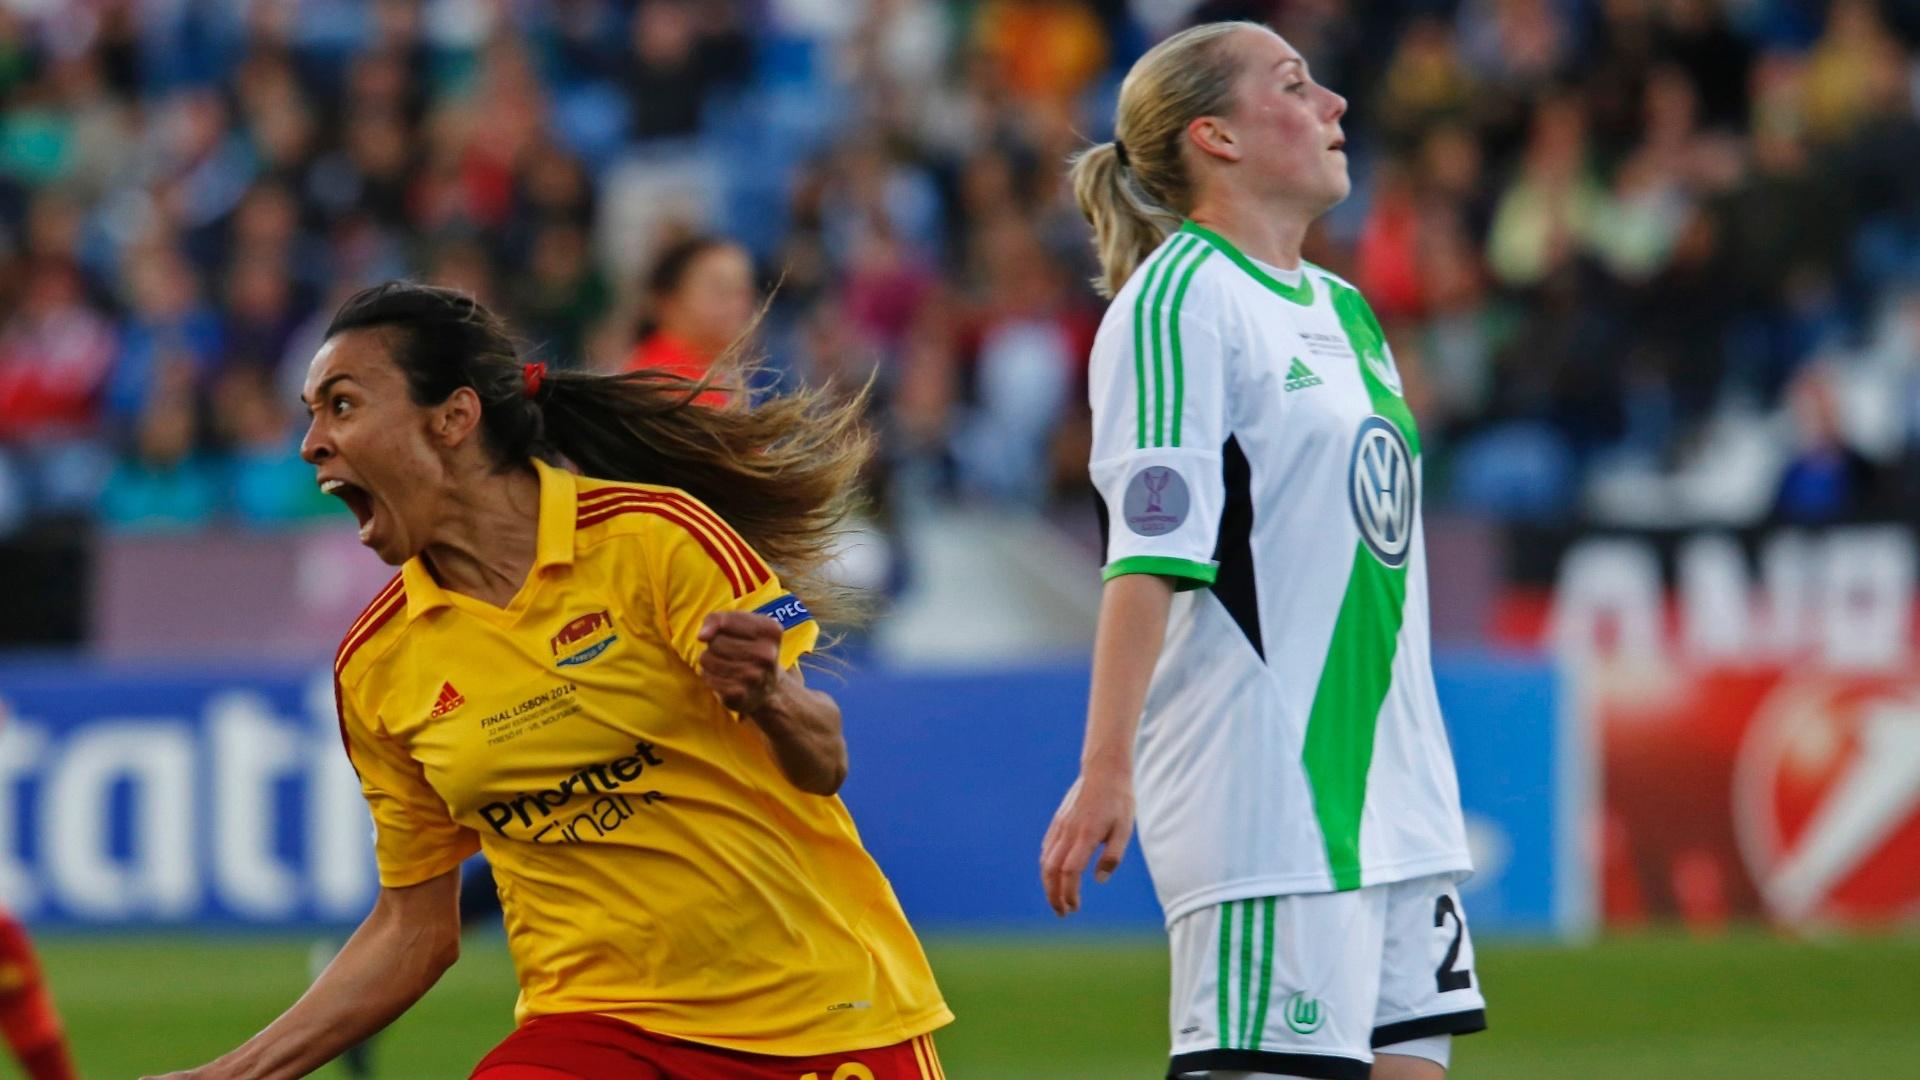 22.05.14 - Marta comemora um de seus gols na final da Liga dos Campeões feminina entre seu time, o Tyreso, contra o Wolfsburg